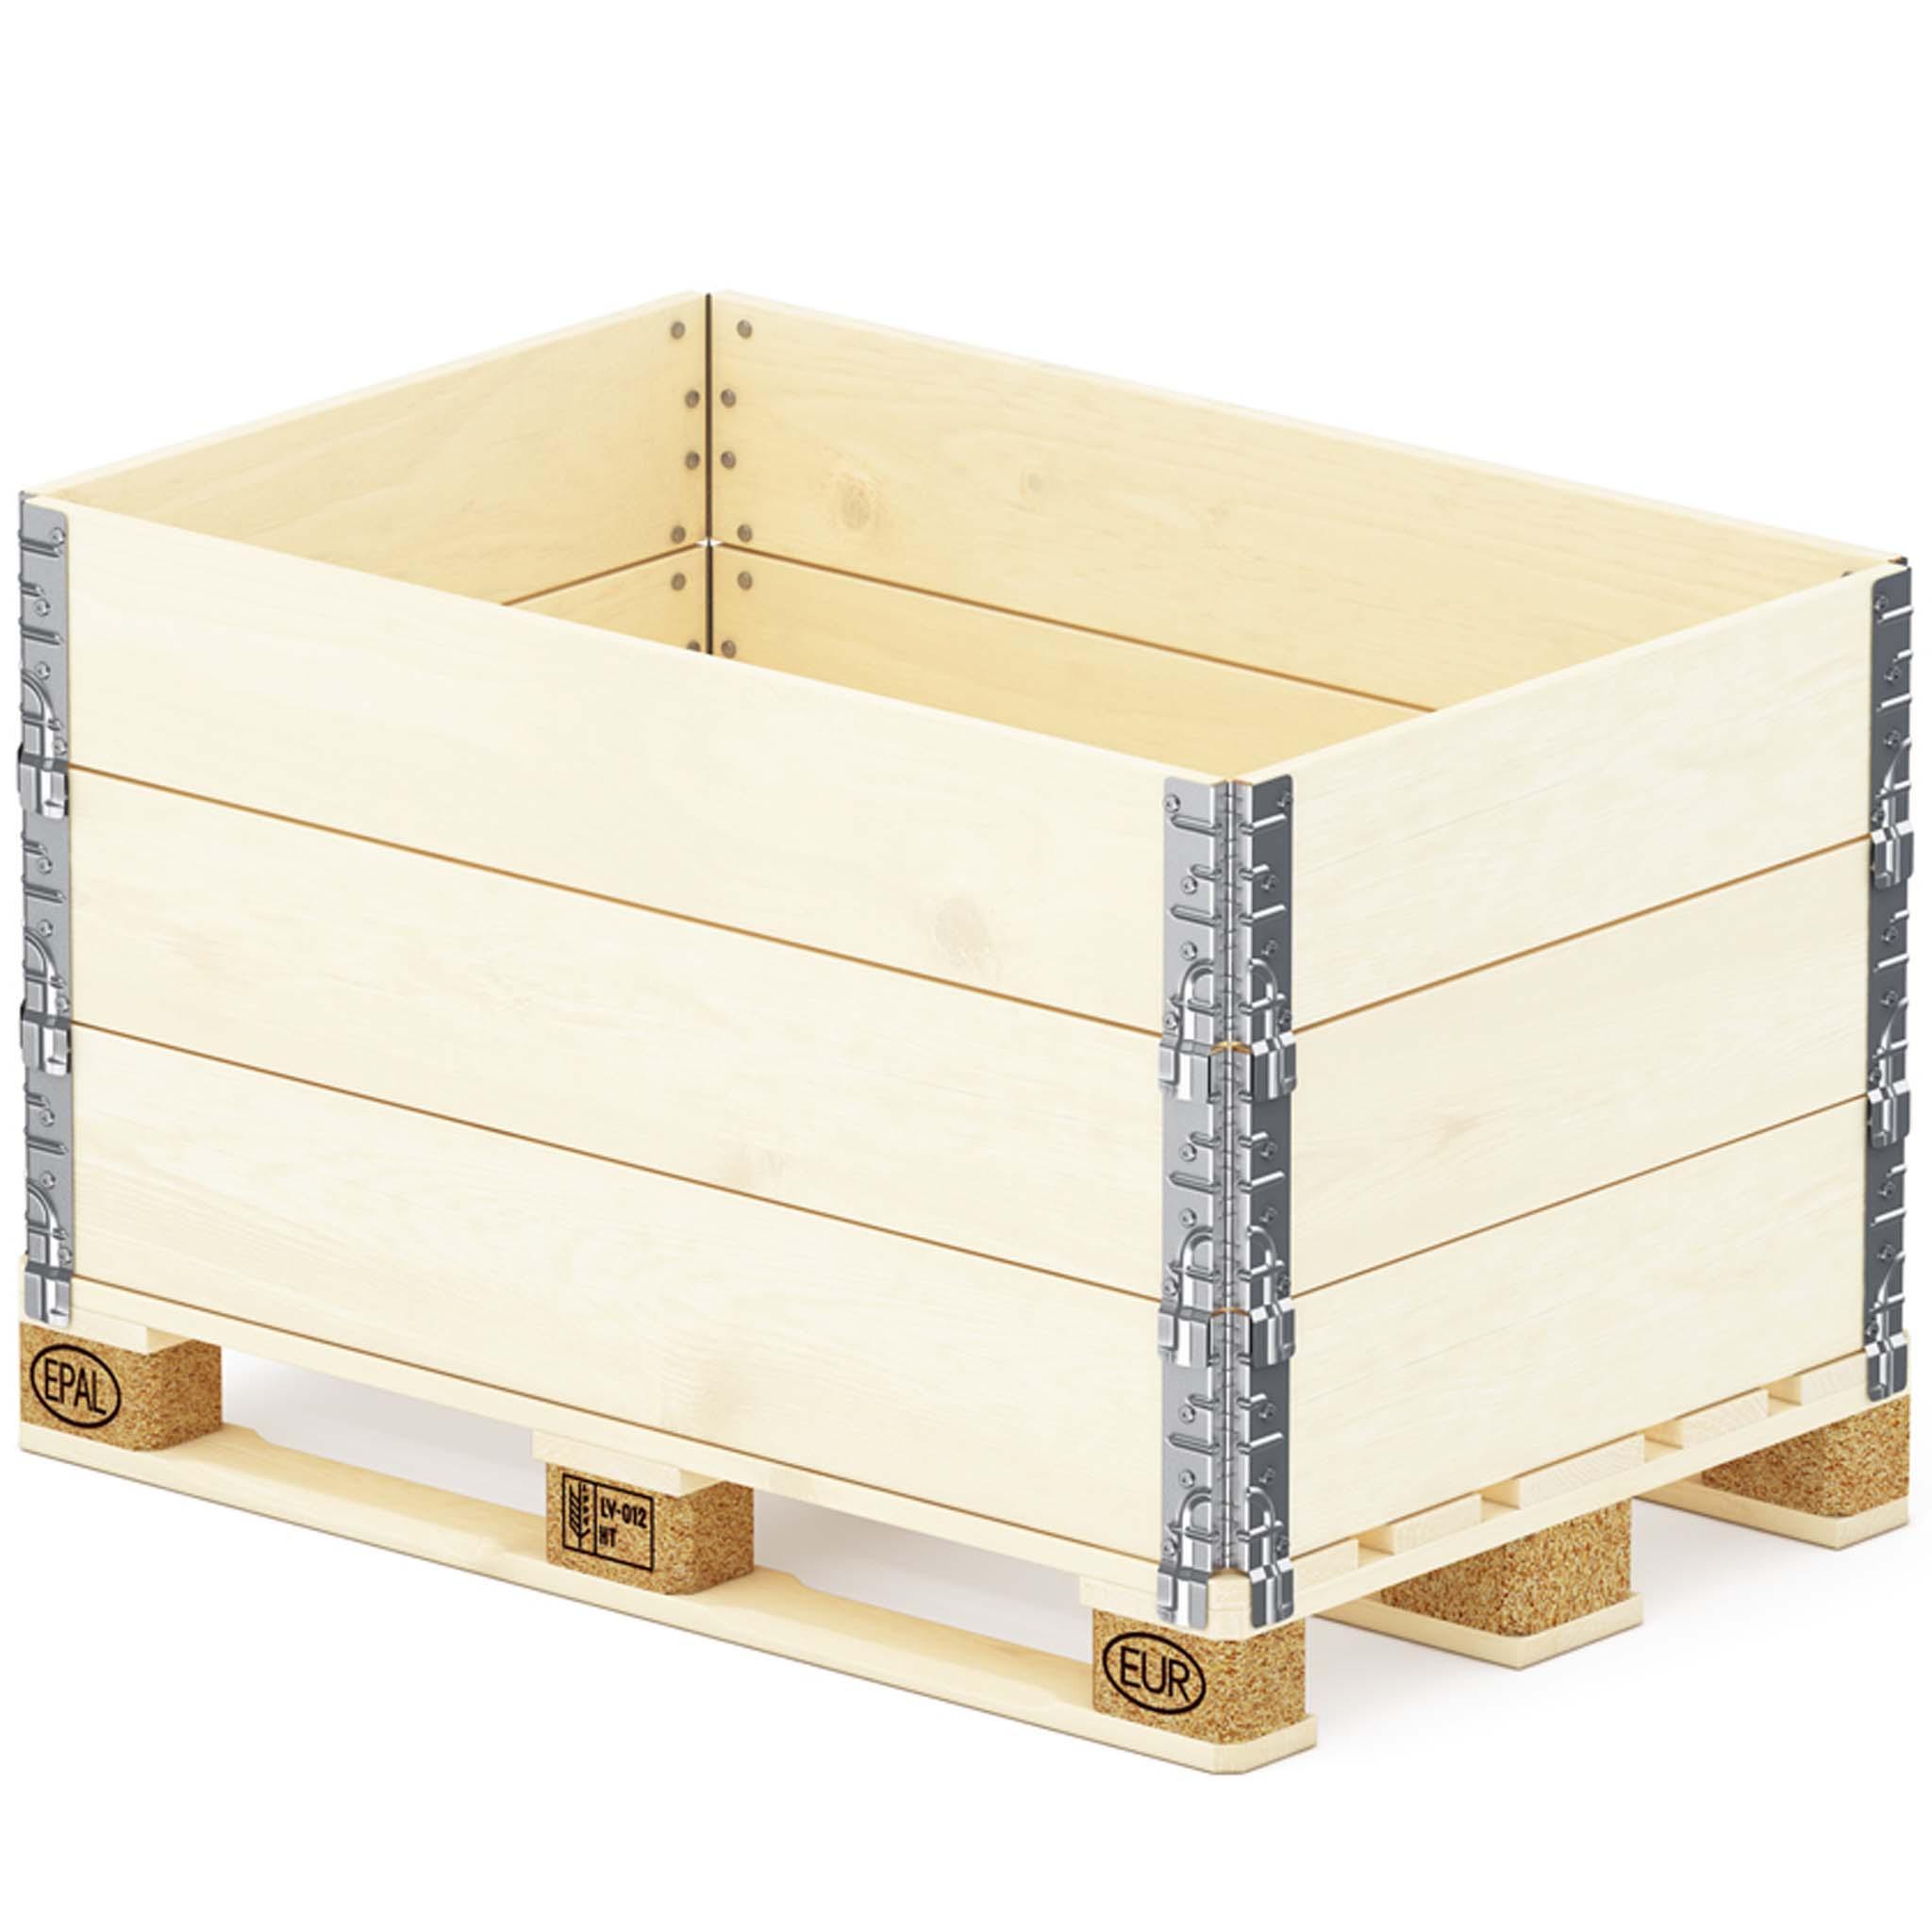 Holzaufsatzrahmen | 1-Brett Ausführung 4